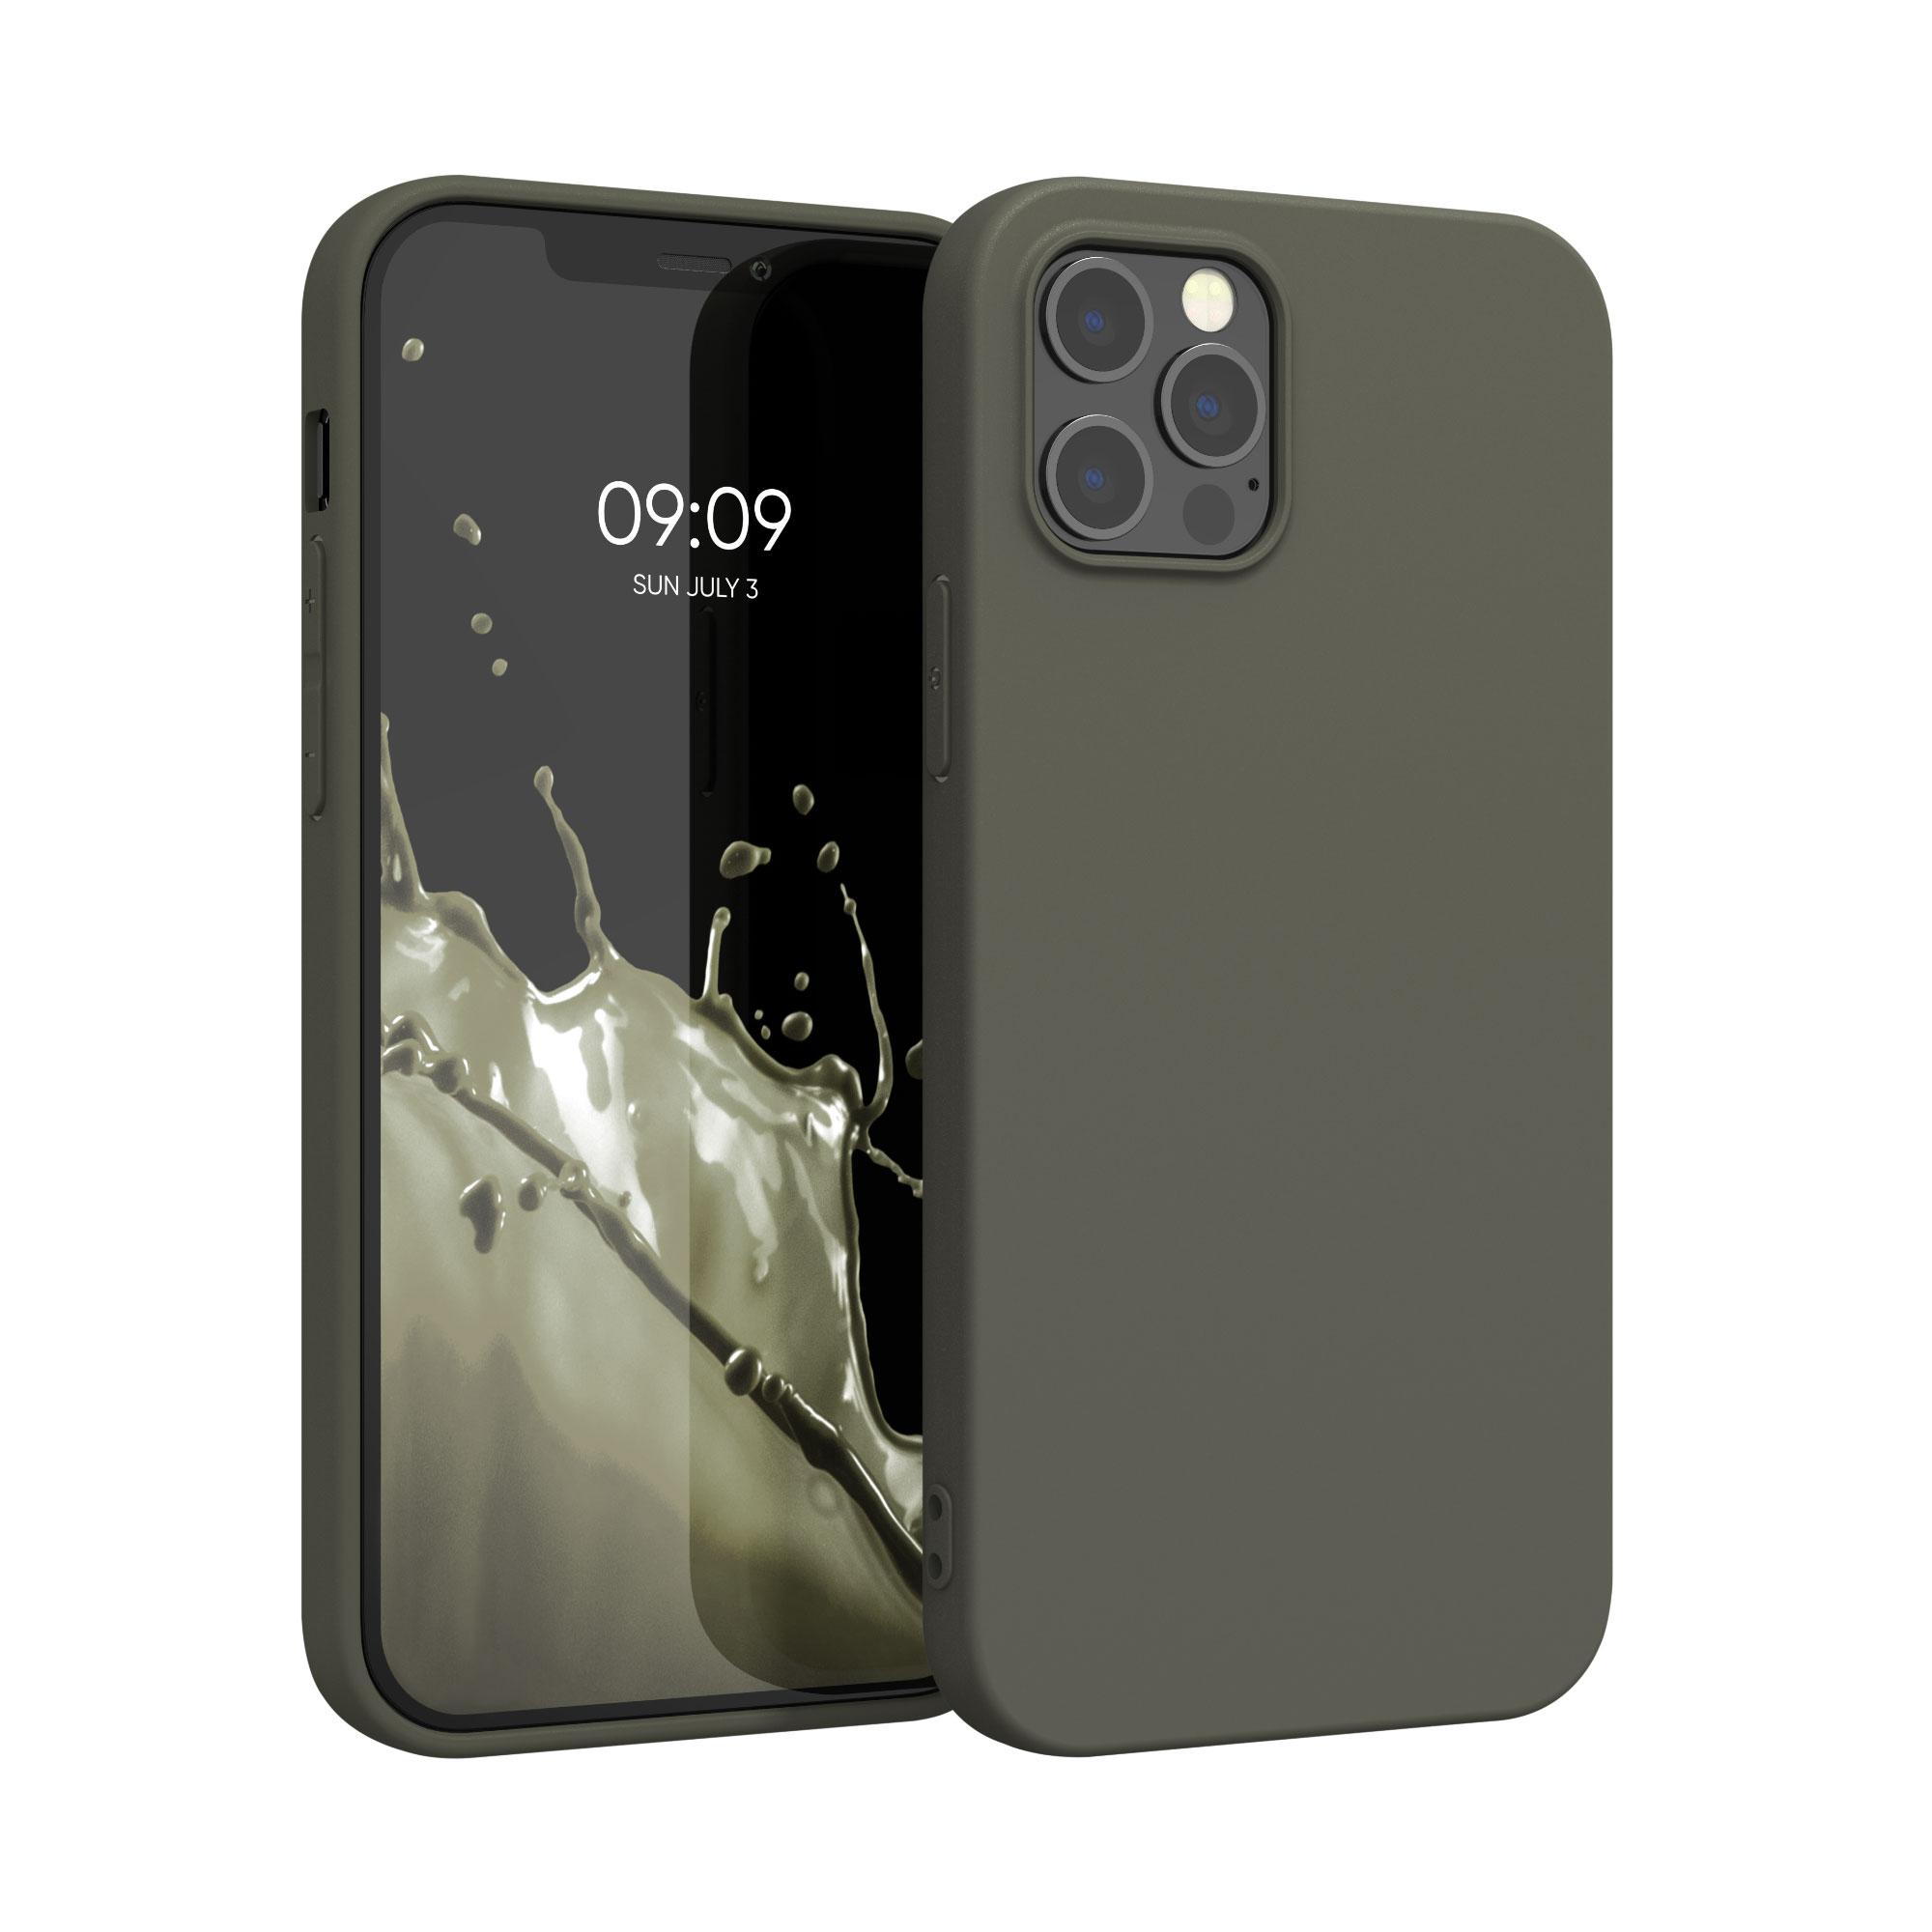 Kvalitní silikonové TPU pouzdro pro Apple iPhone 12 Pro Max - Olive Green Matte